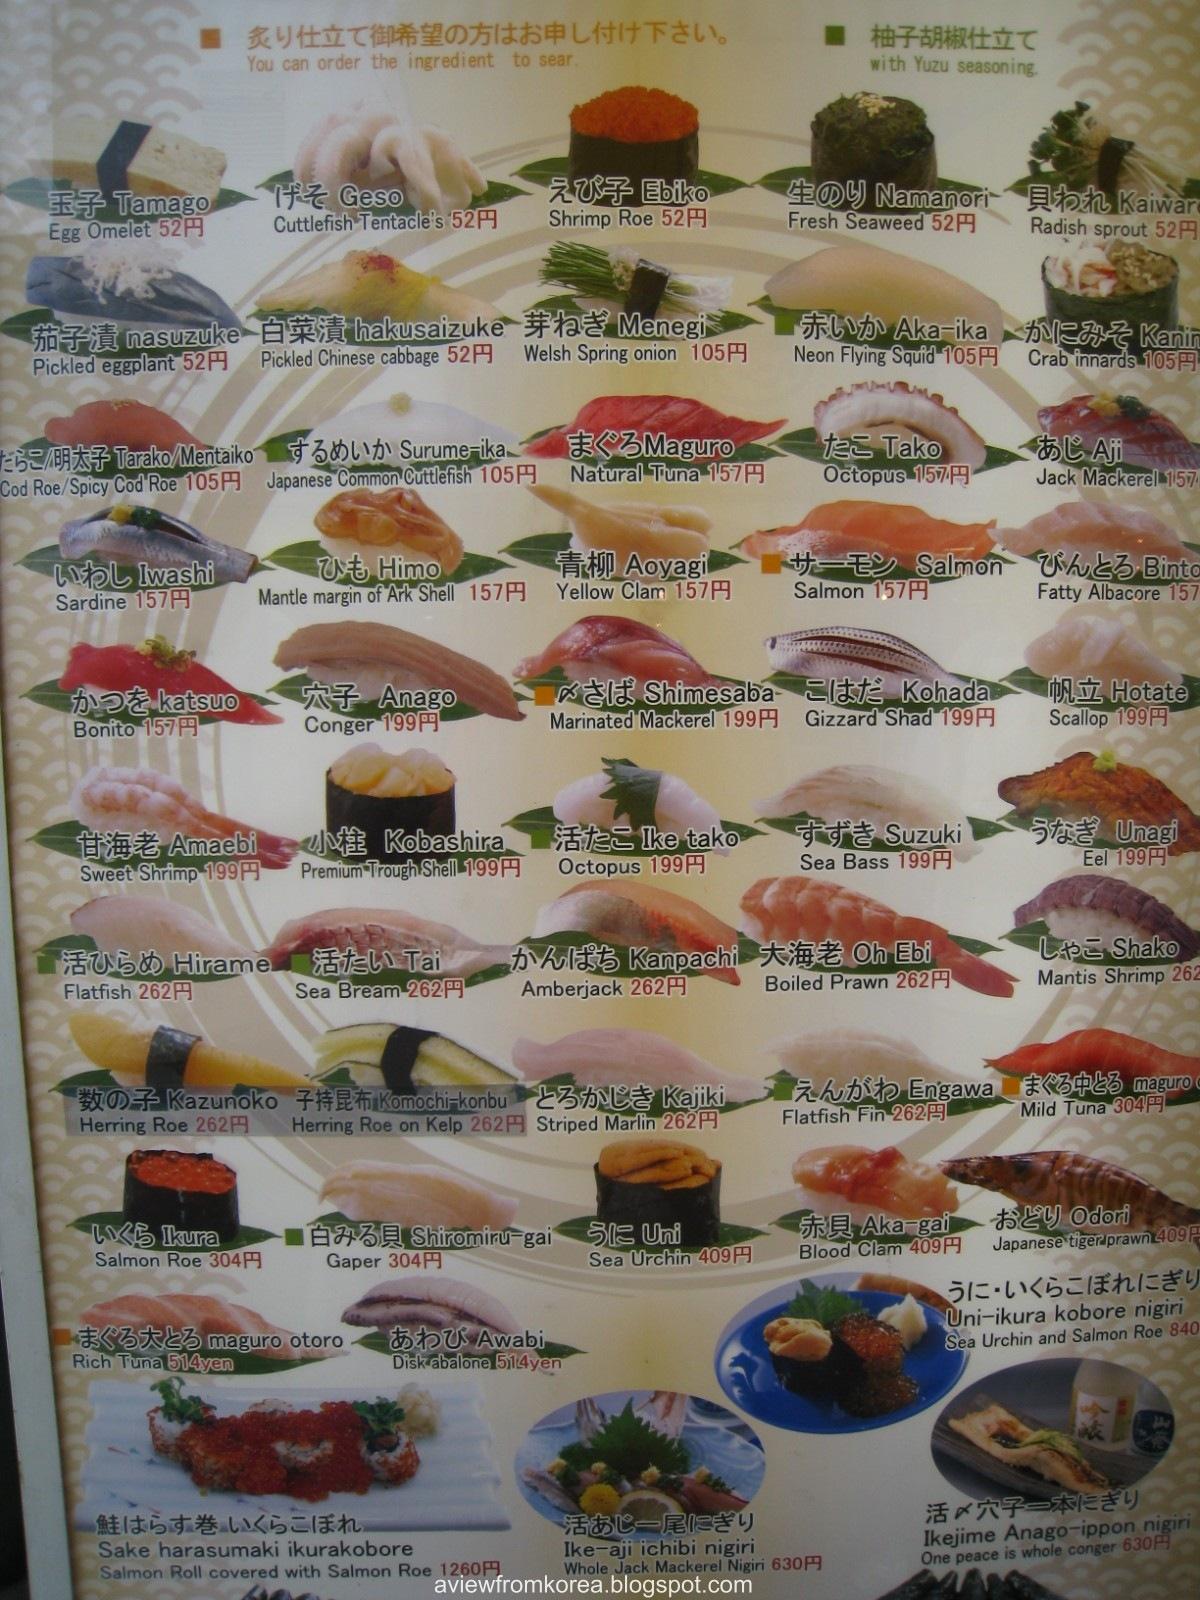 [Tsukiji Fish Market_26 [1600x1200][2].jpg]